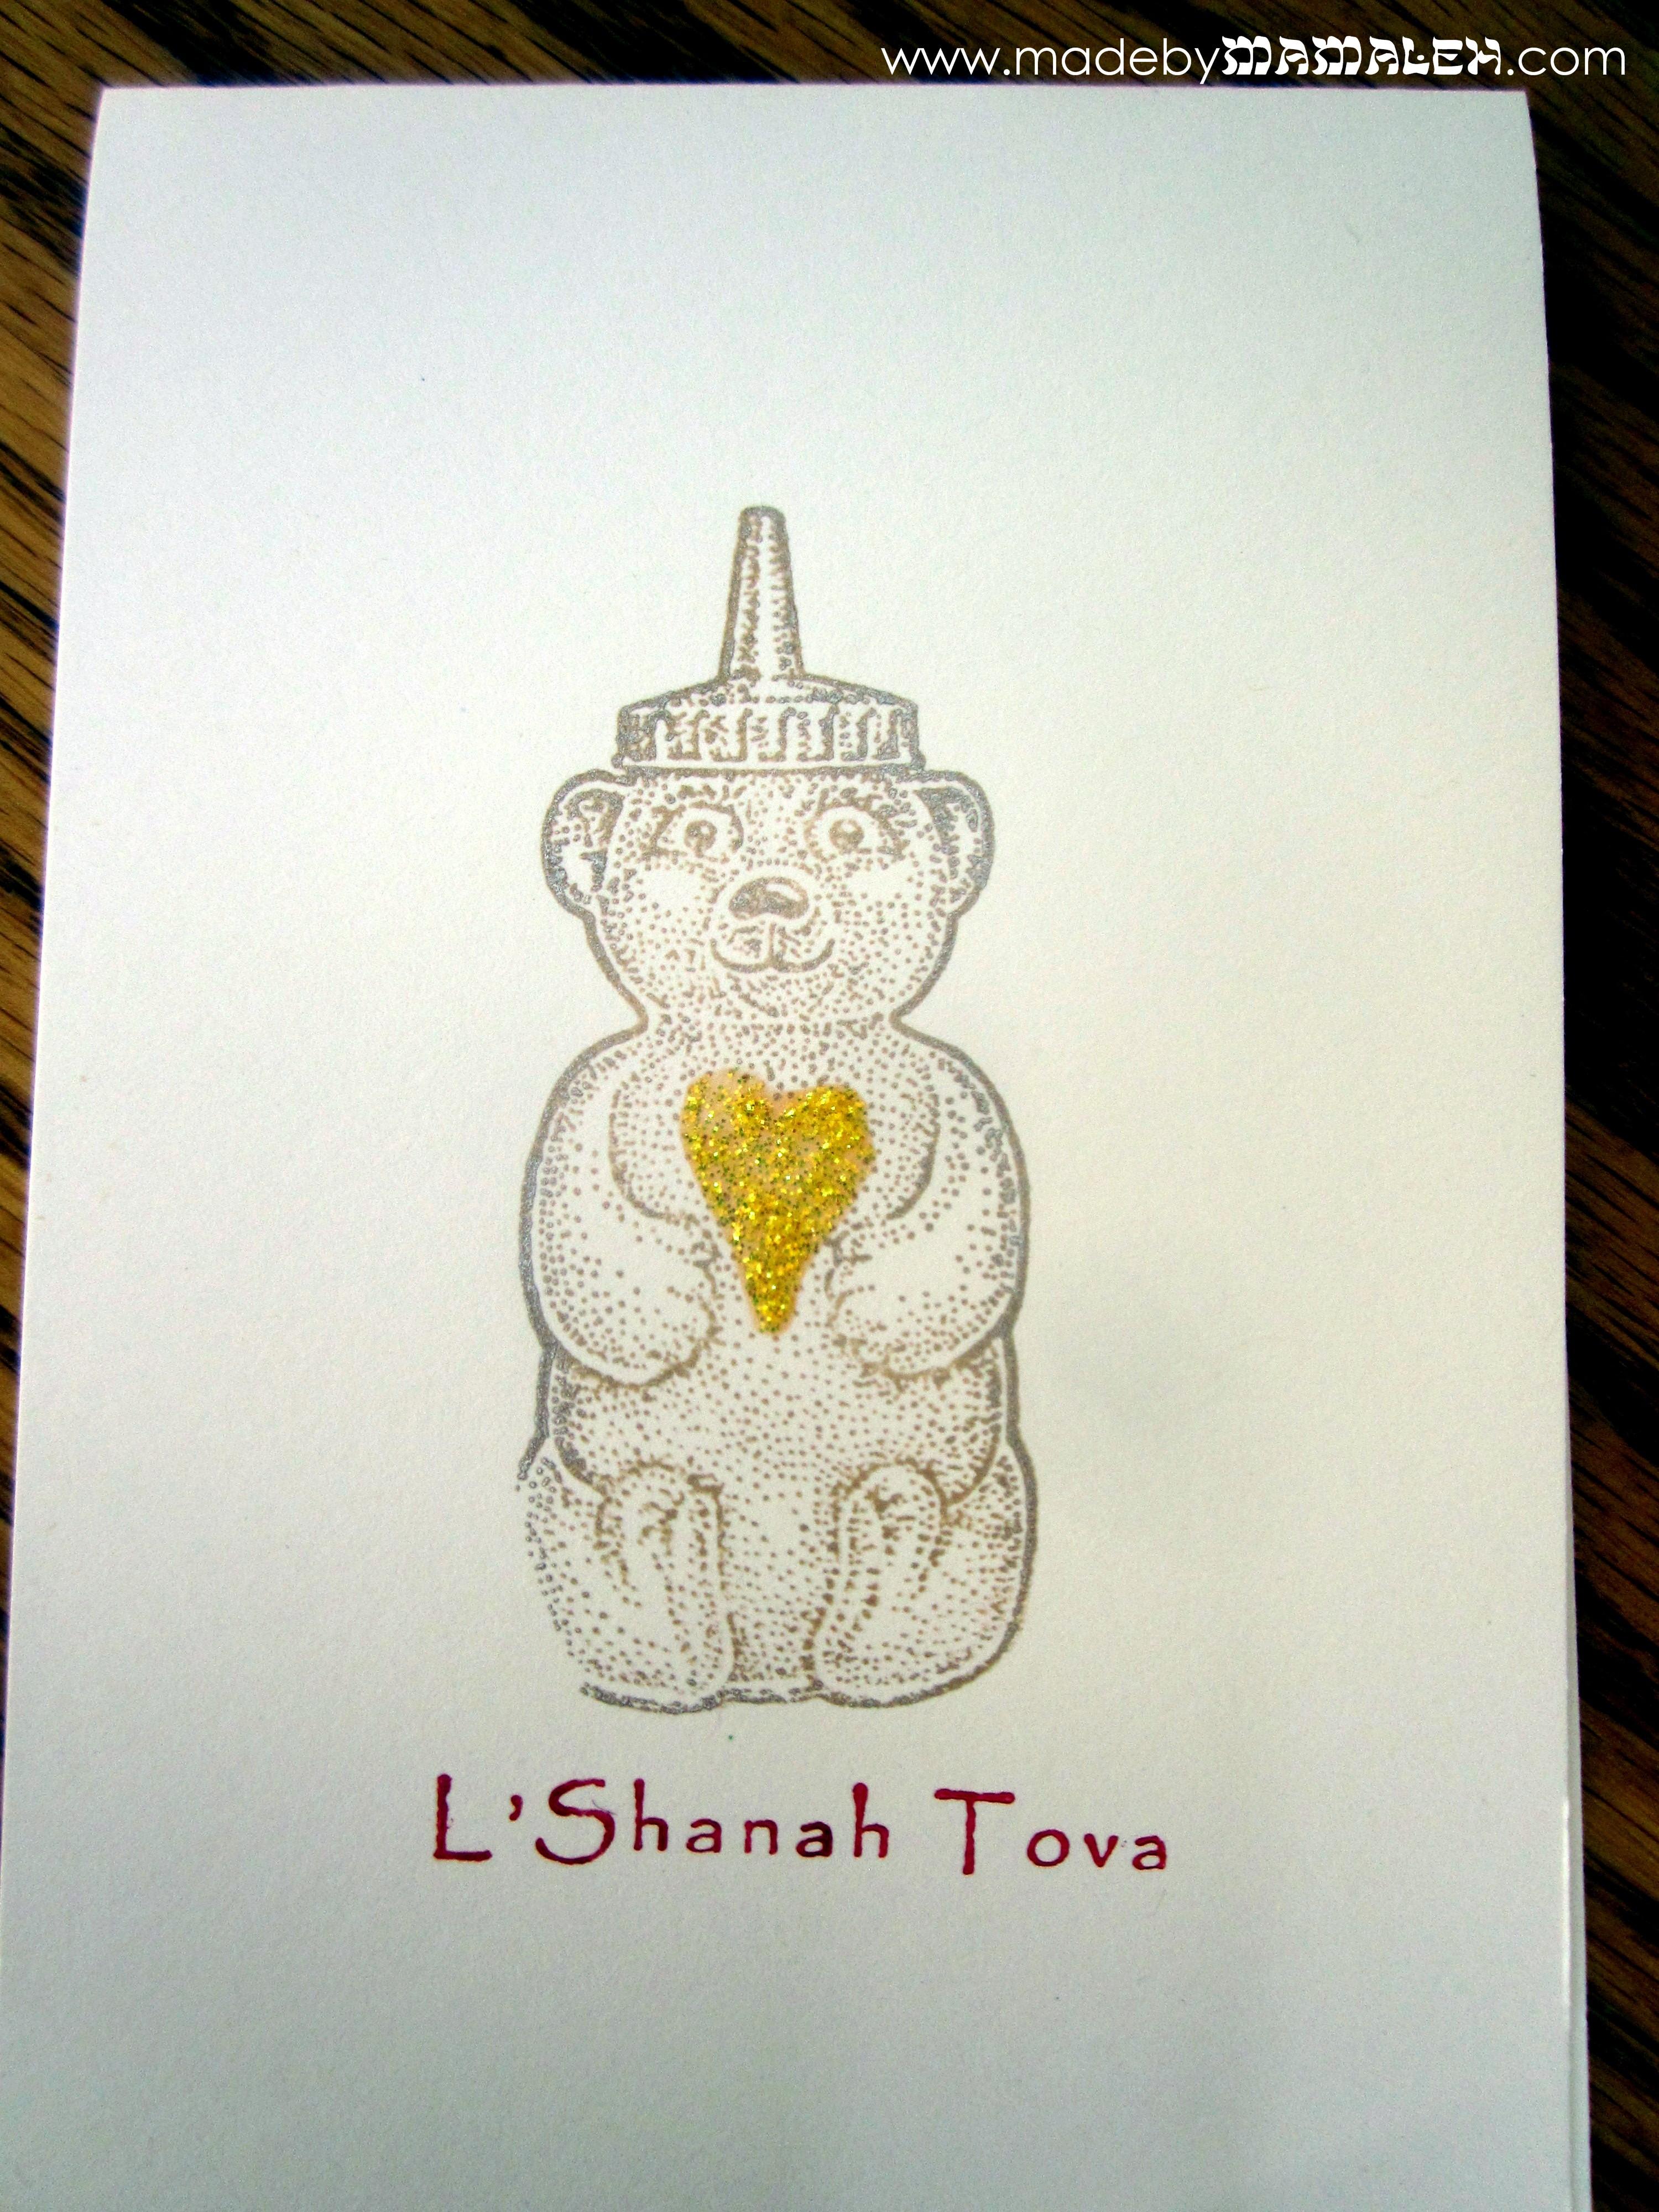 Rosh Hashanah | madebymamaleh